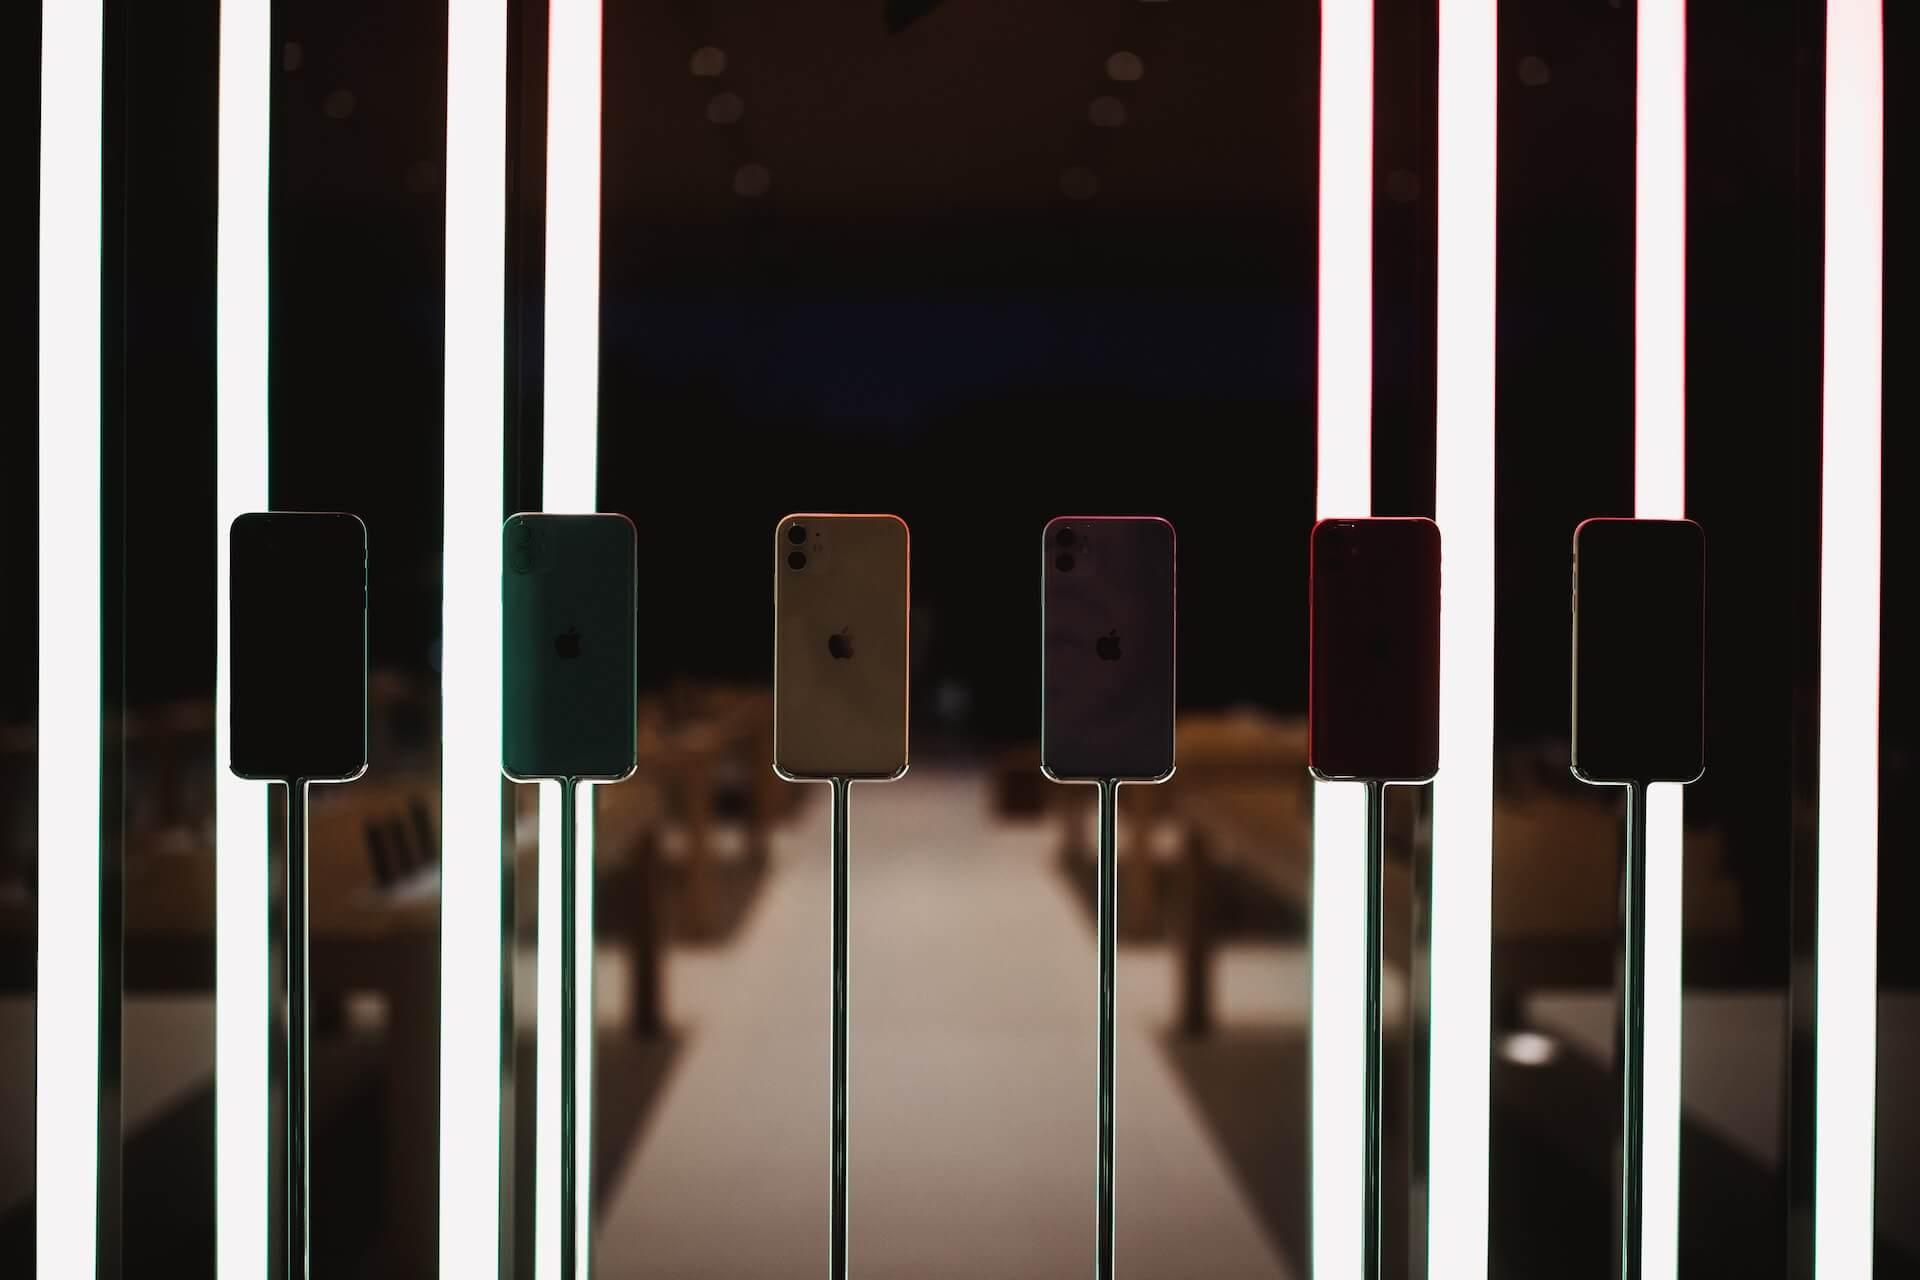 今年登場とうわさのiPhone 12シリーズは4GB、6GBのメモリを搭載か|3Dセンシングレンズ付きのトリプルカメラも? tech200116_iphone12_1